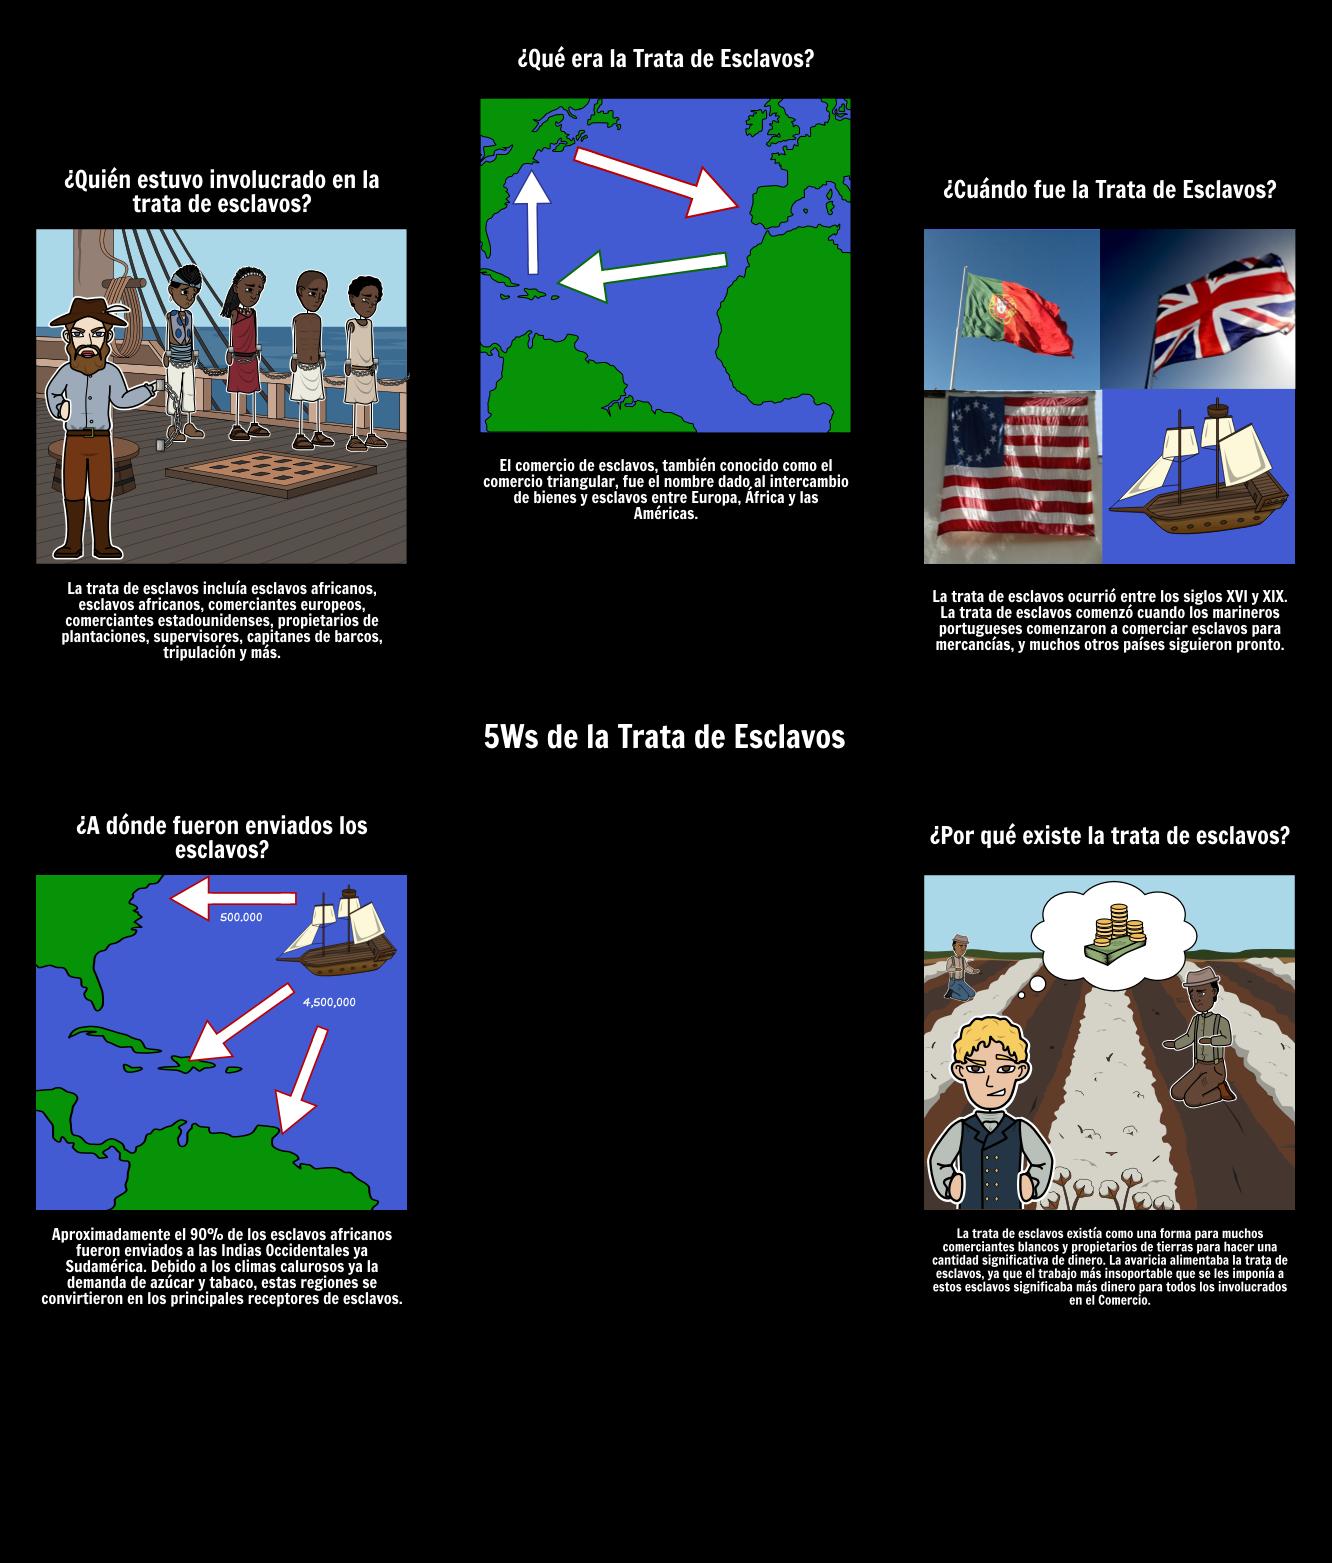 5Ws de la Trata de Esclavos